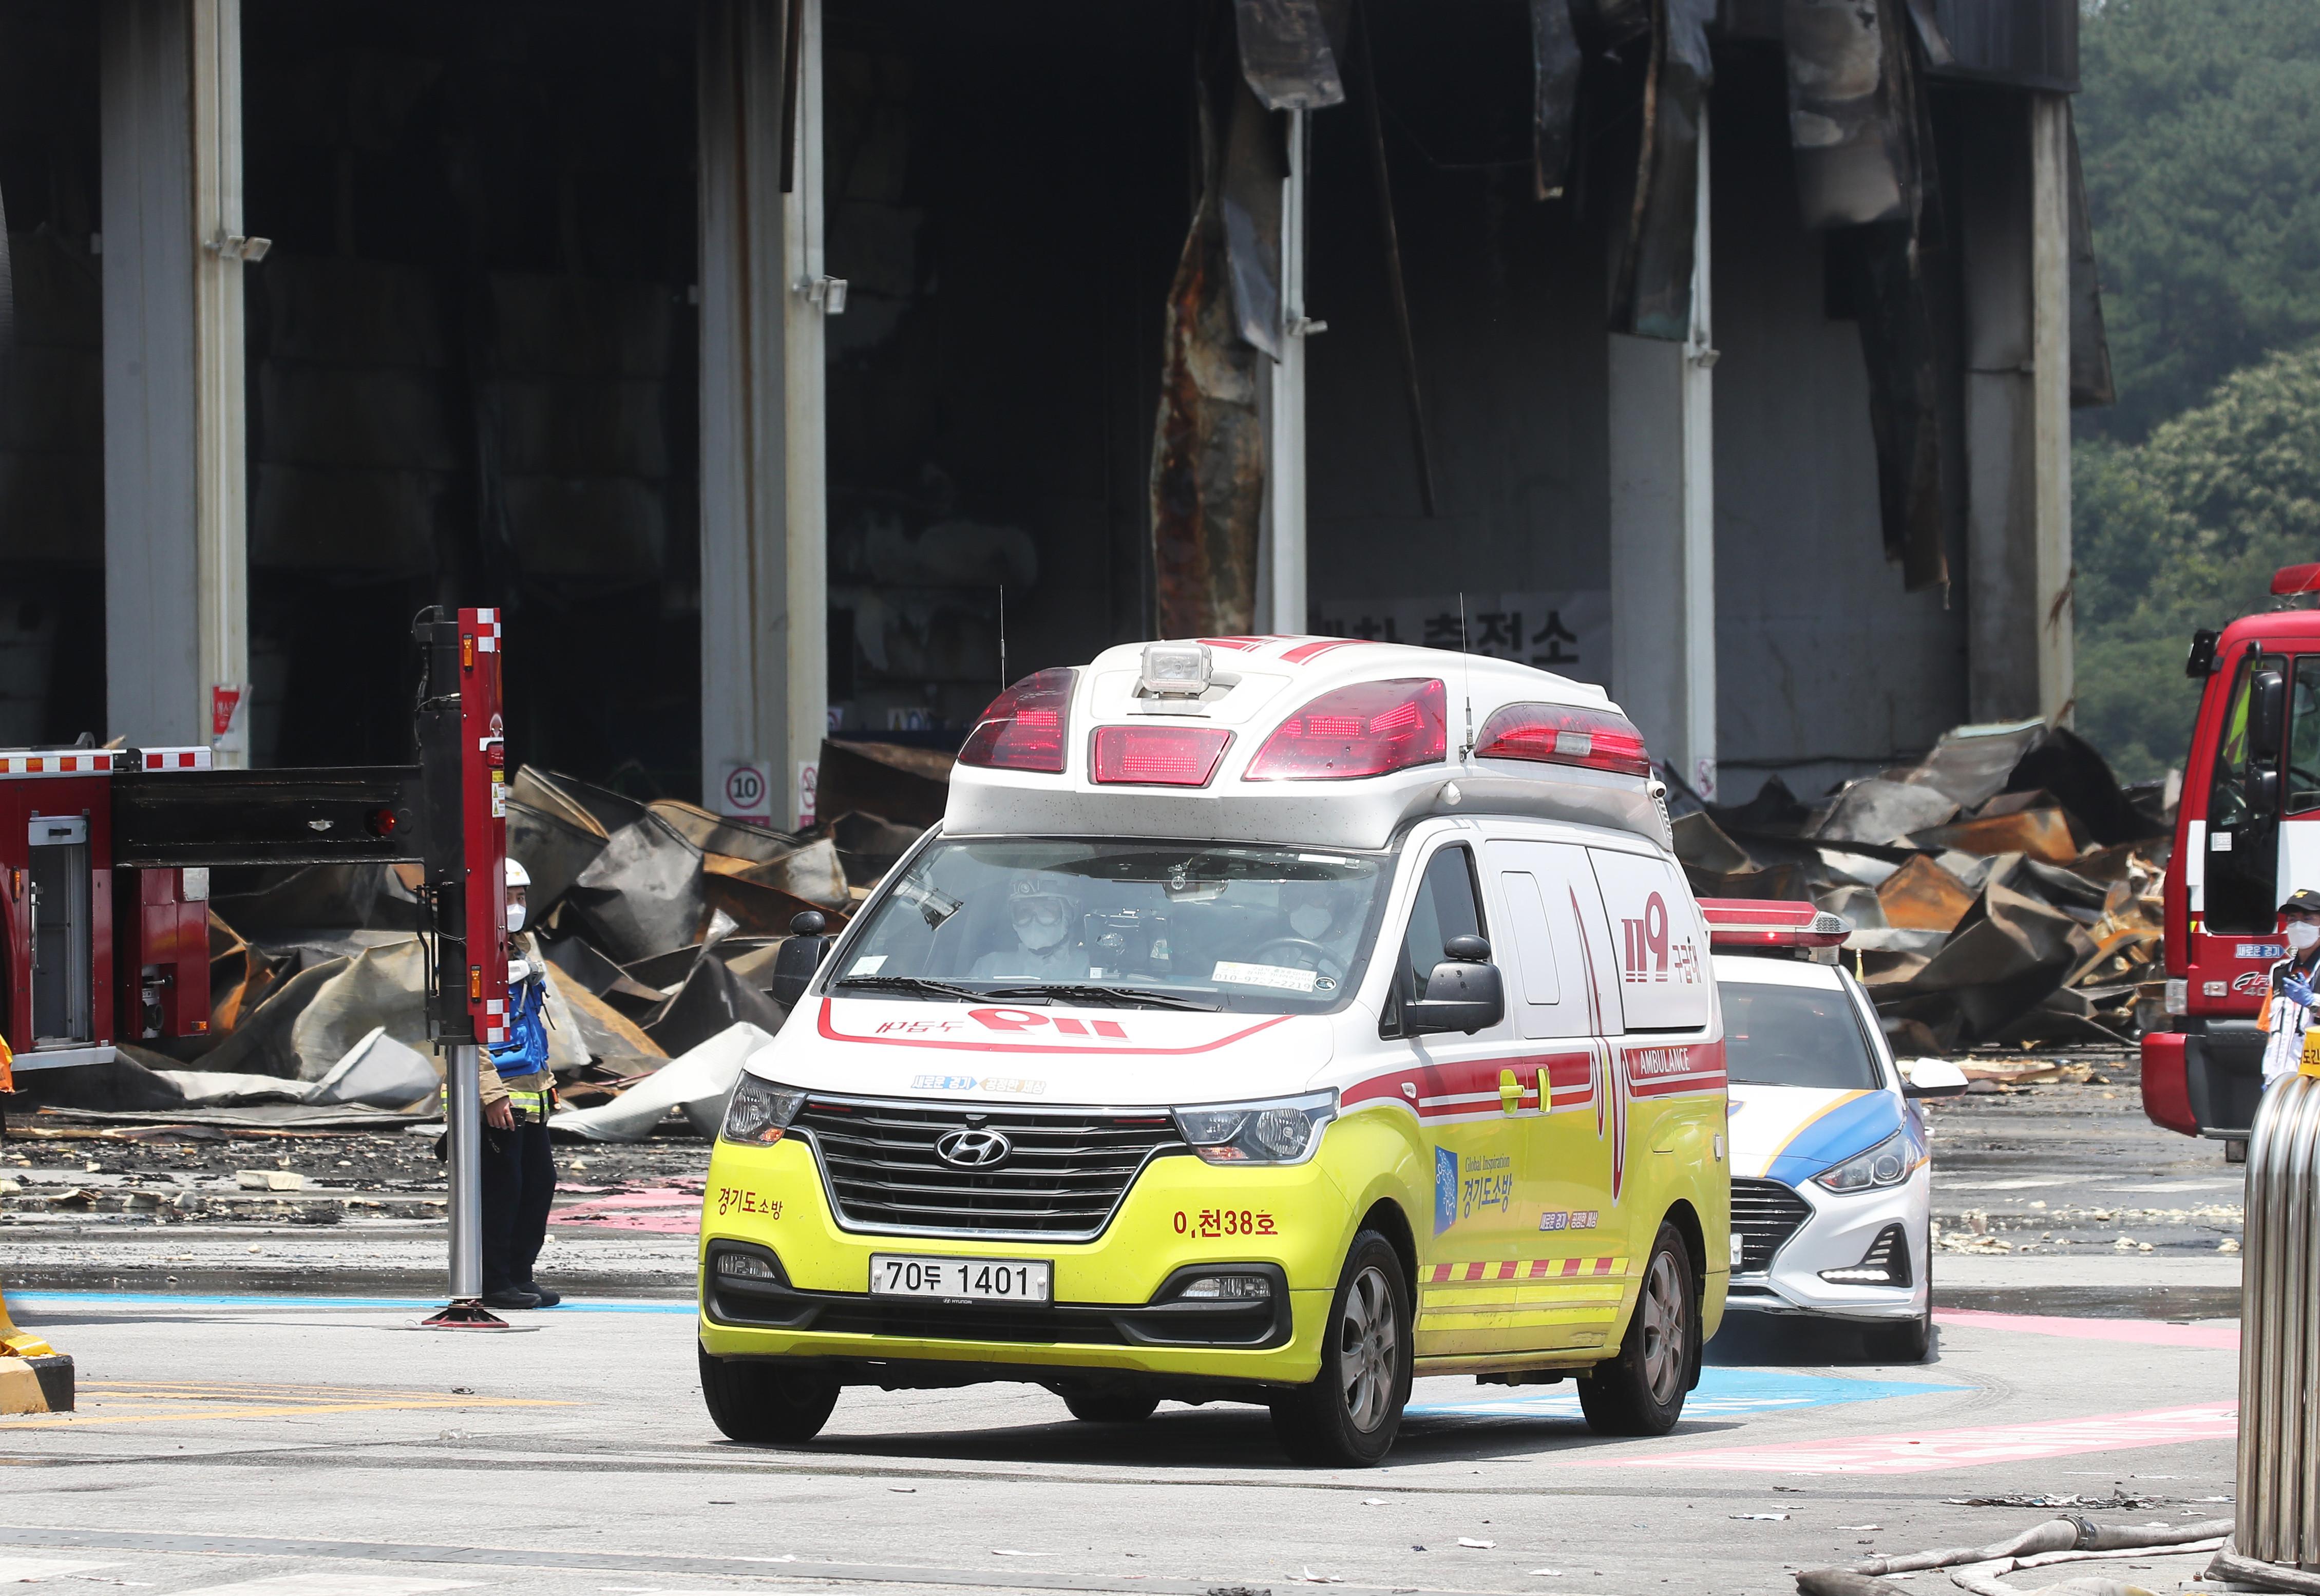 ▲▼金姓消防員遺骸於19日上午被發現,以救護車送往醫院太平間安置。(圖/達志影像/newscom)